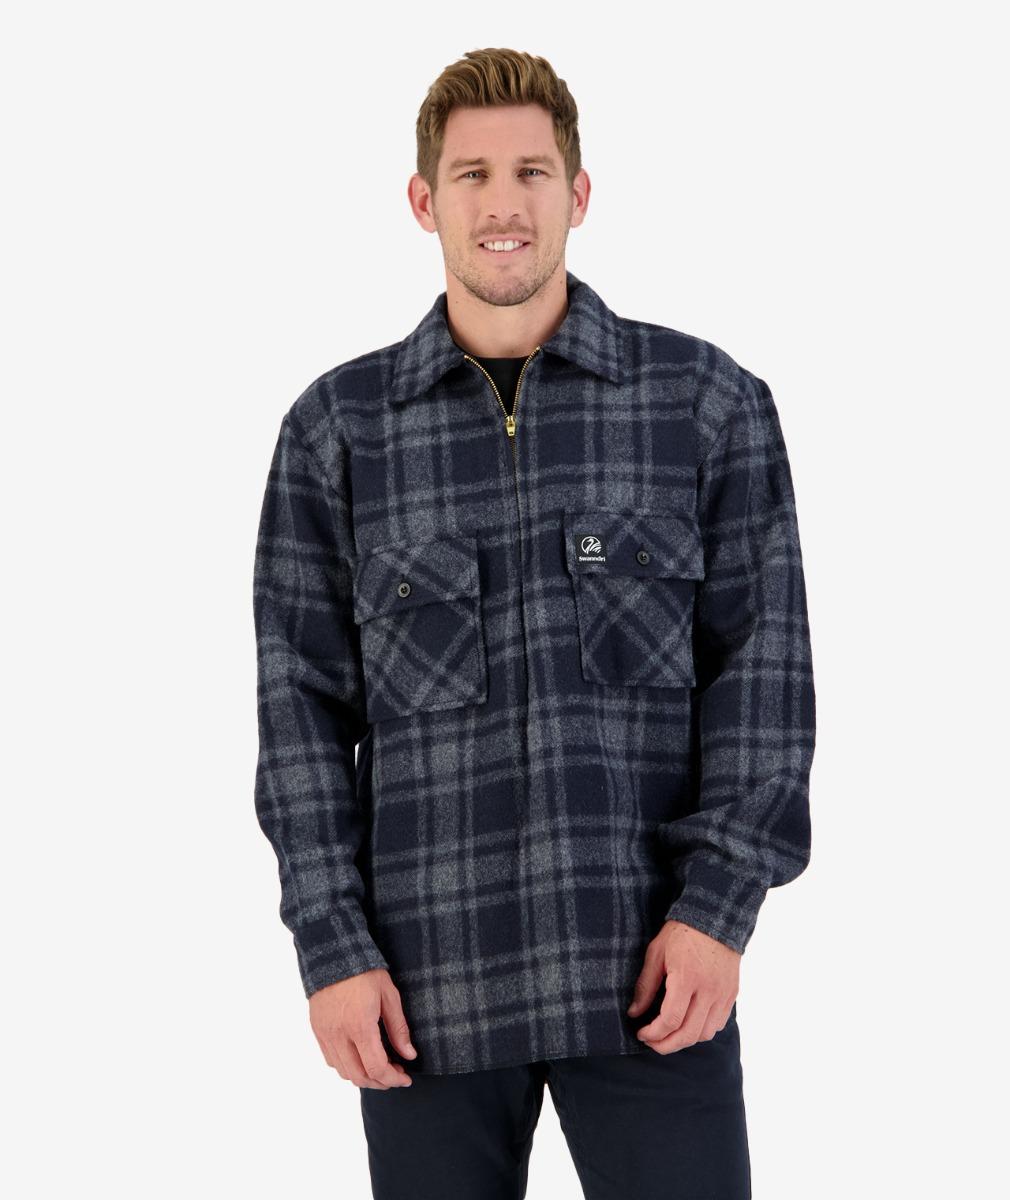 Men's Ranger Wool Zip Front Bush Shirt in Charcoal Grid